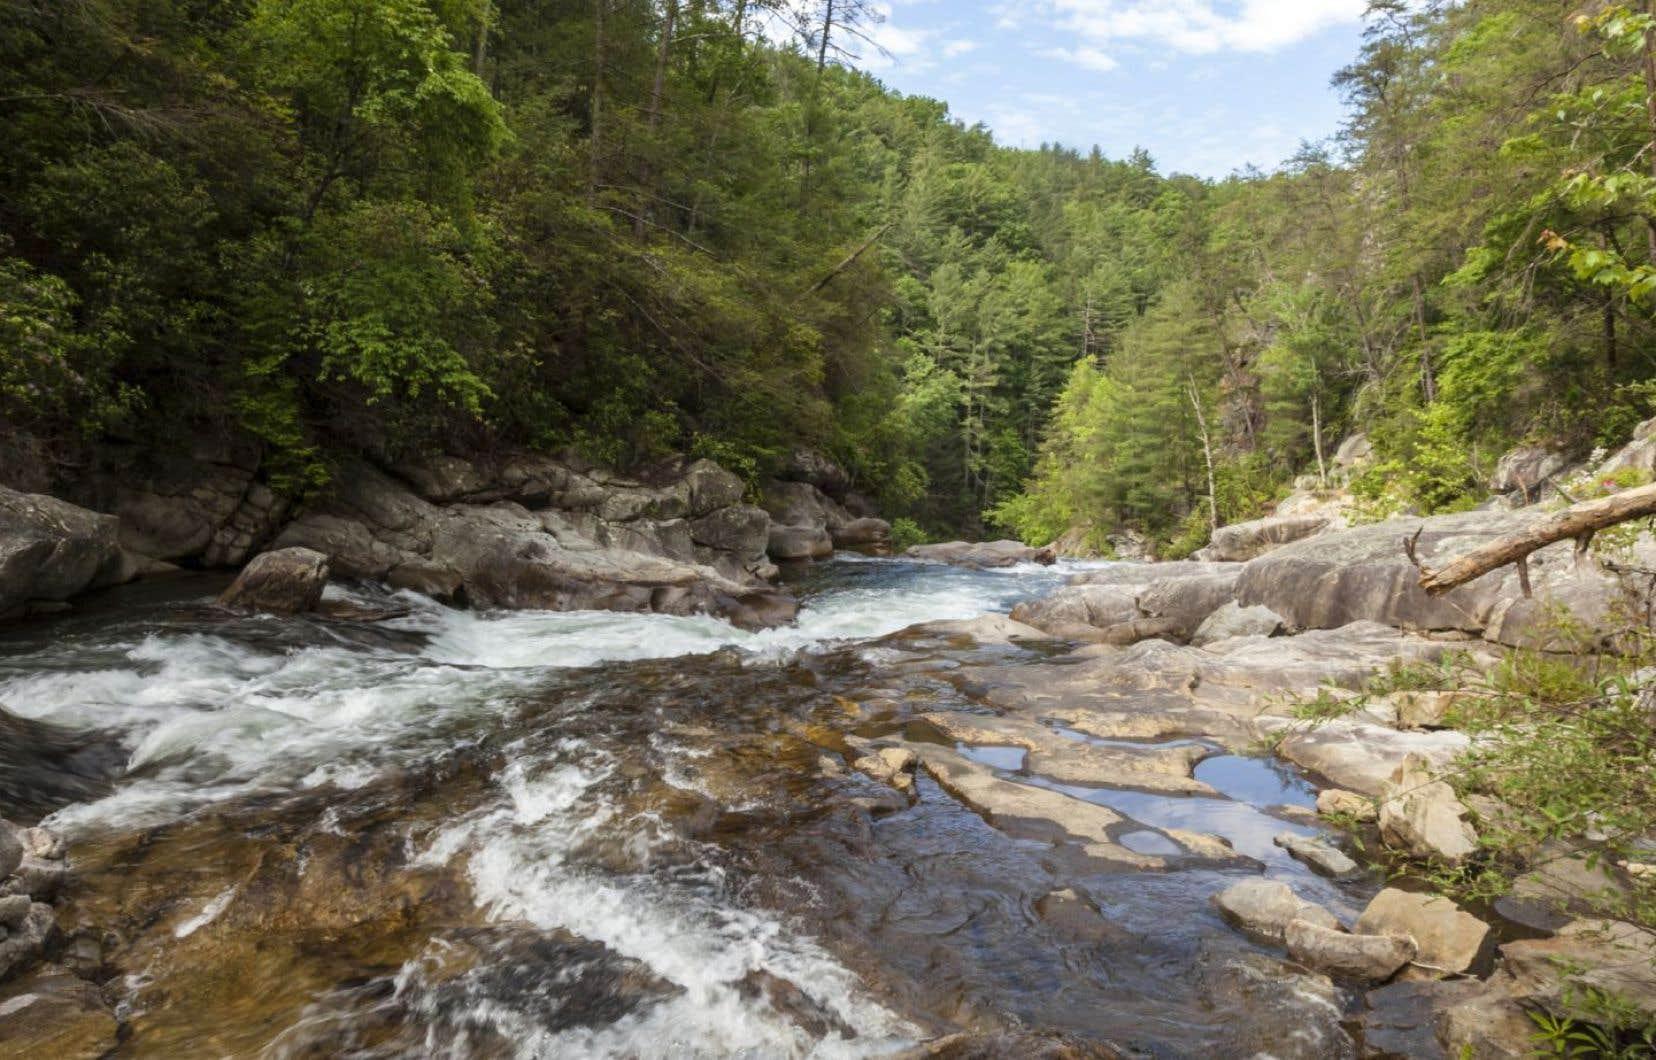 De frontière géographique, la rivière devient dans «Le chant de la Tamassee» un mur qui sépare les valeurs et les mentalités.